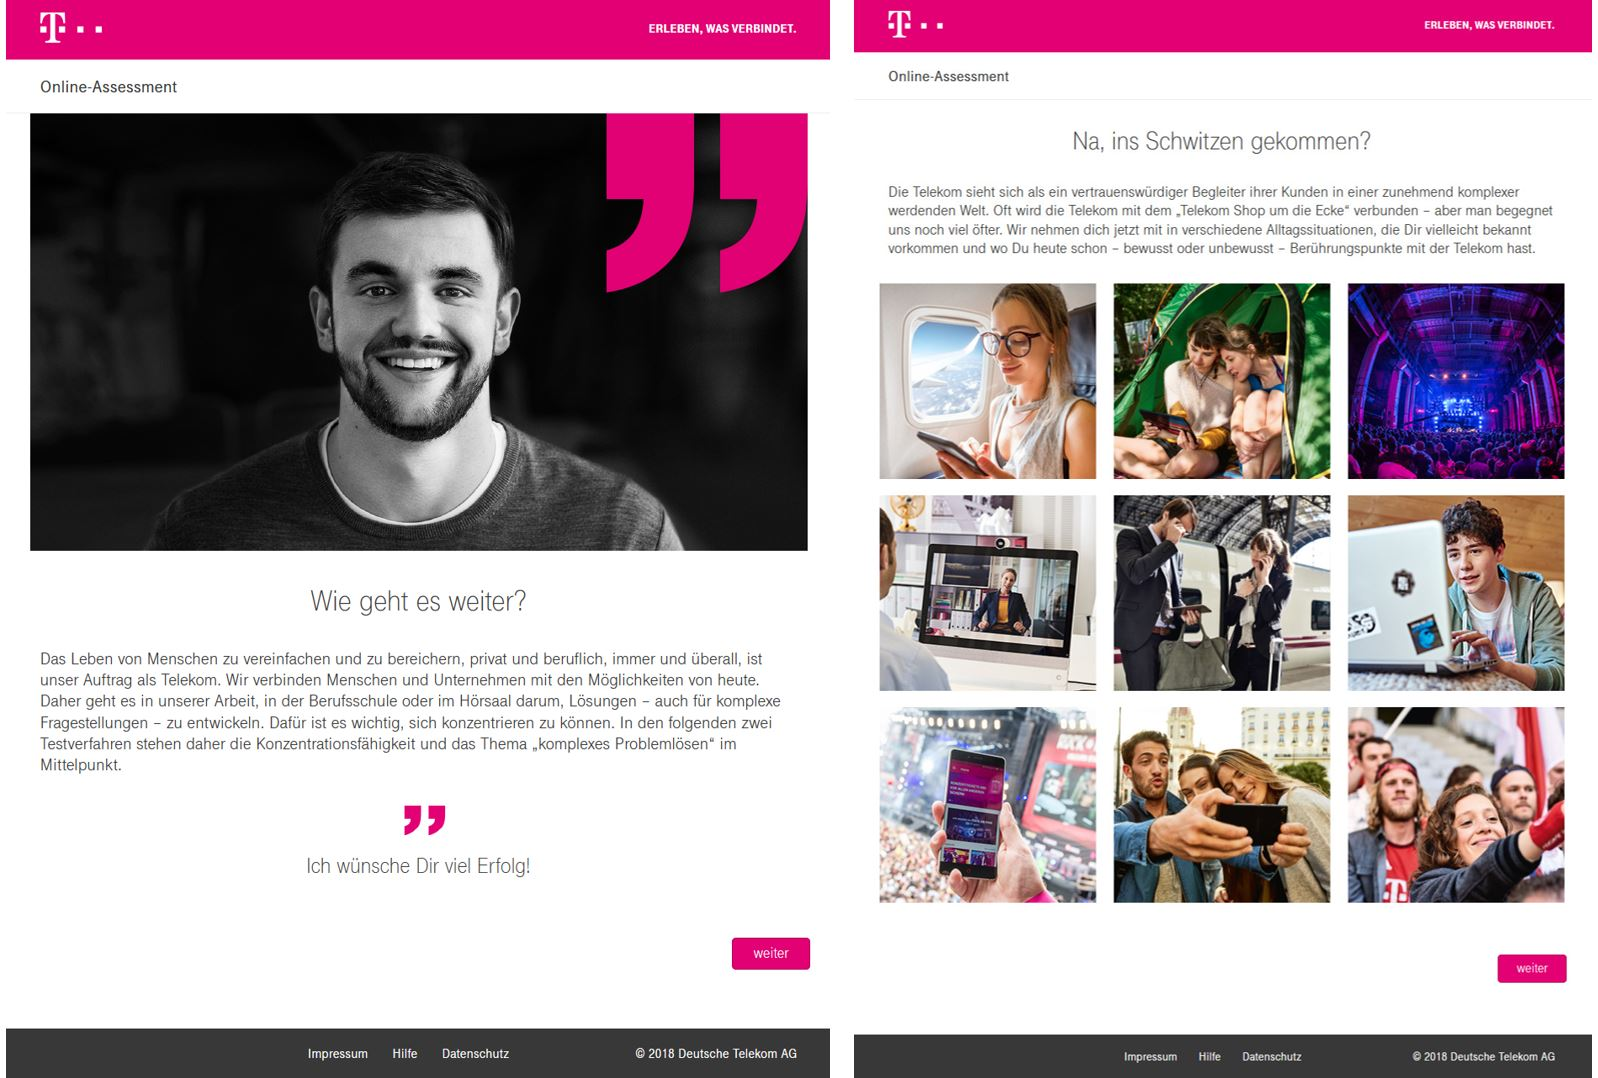 Neues Jahr Neue Ziele Zeit Für Ein Neues Online Assessment Bei Der